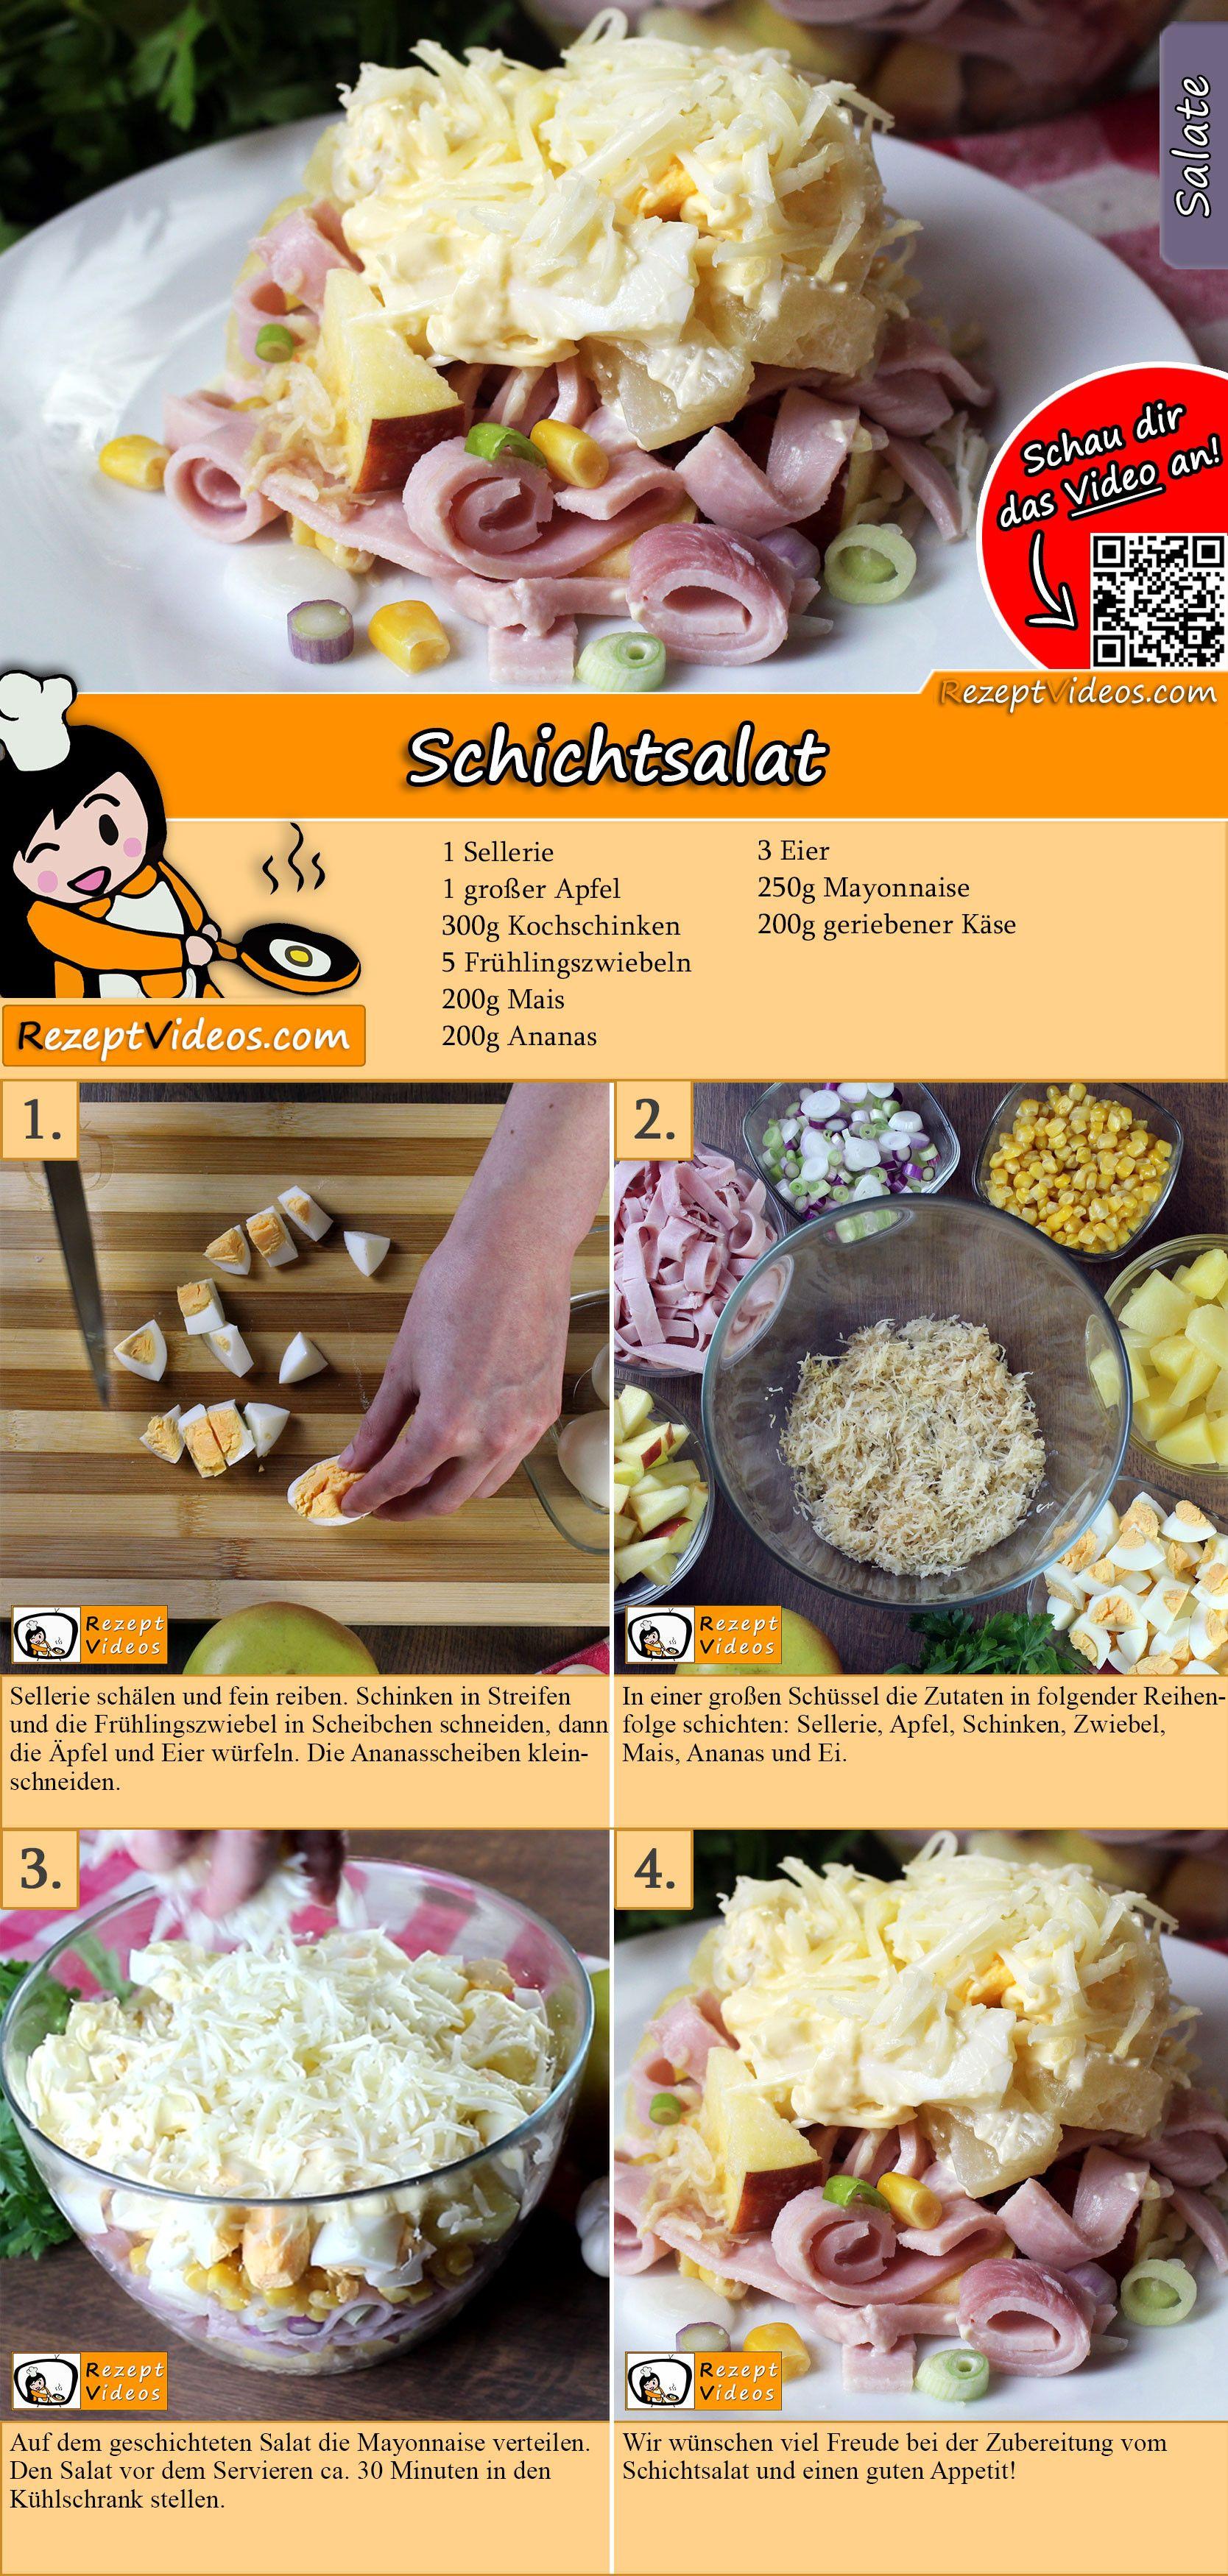 Schichtsalat Rezept mit Video - Schichtsalat mit Sellerie/ Salat Rezepte